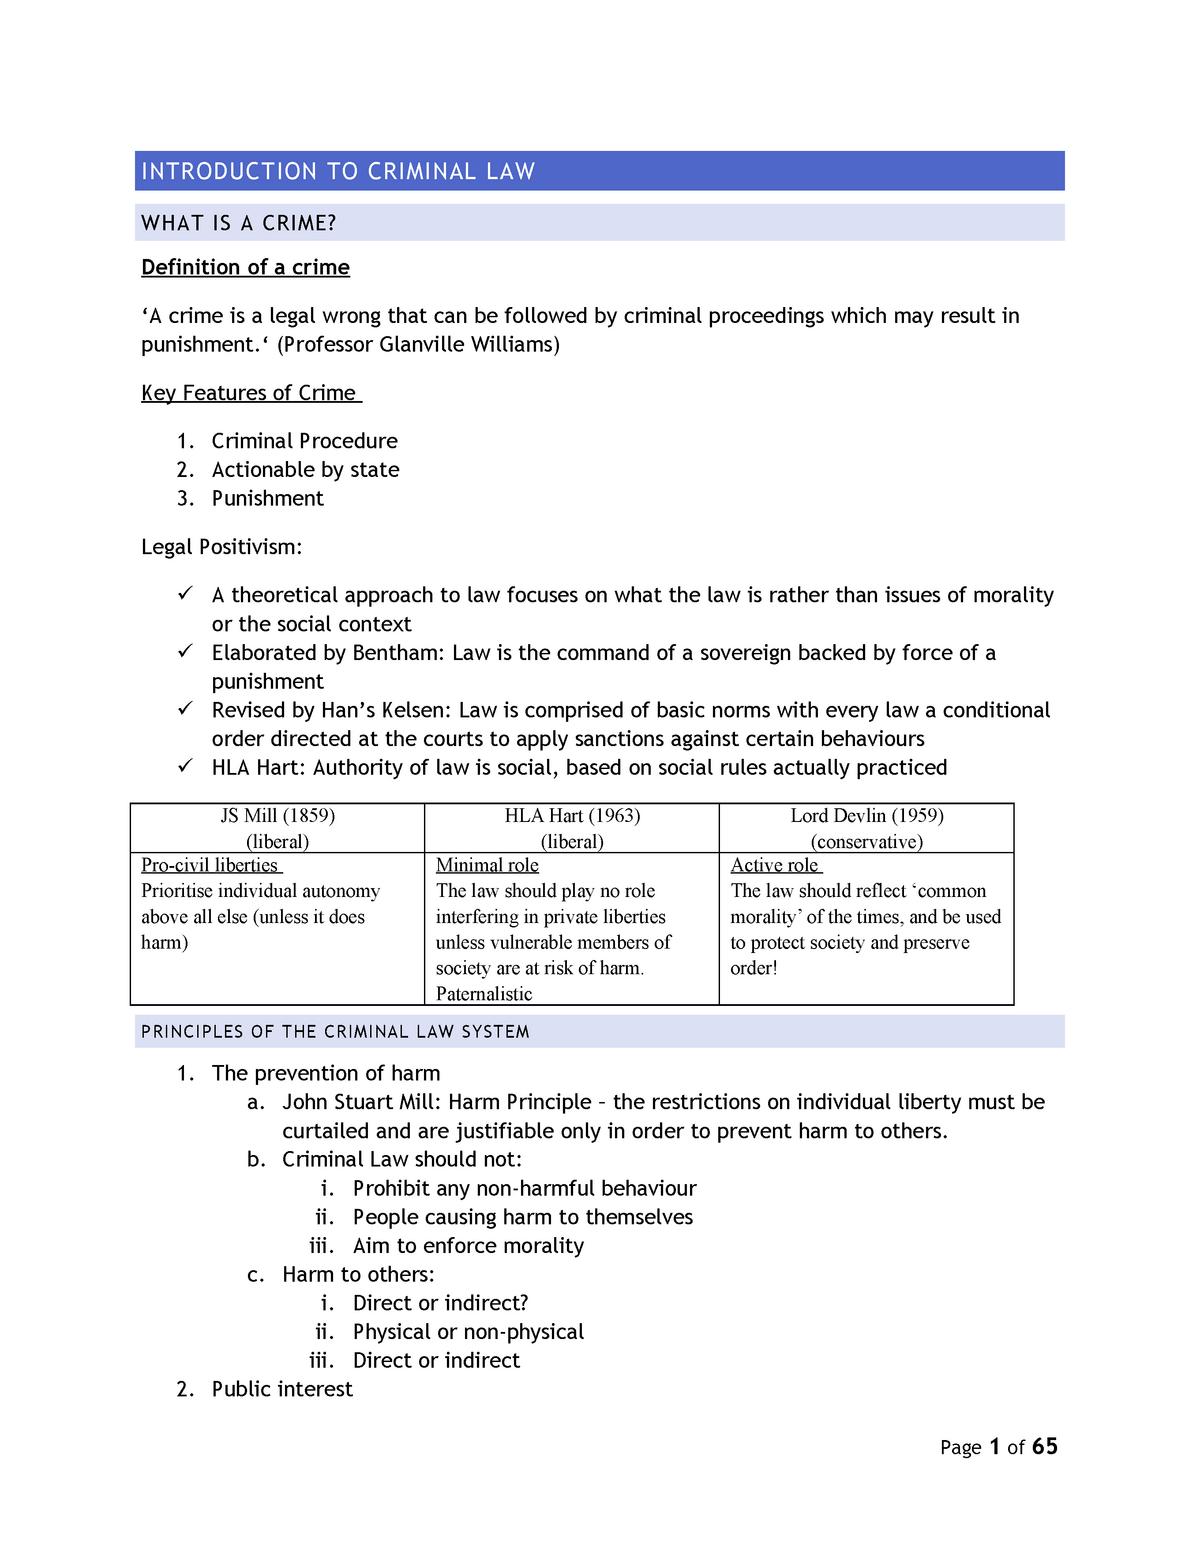 john stuart mills harm principle definition & examples